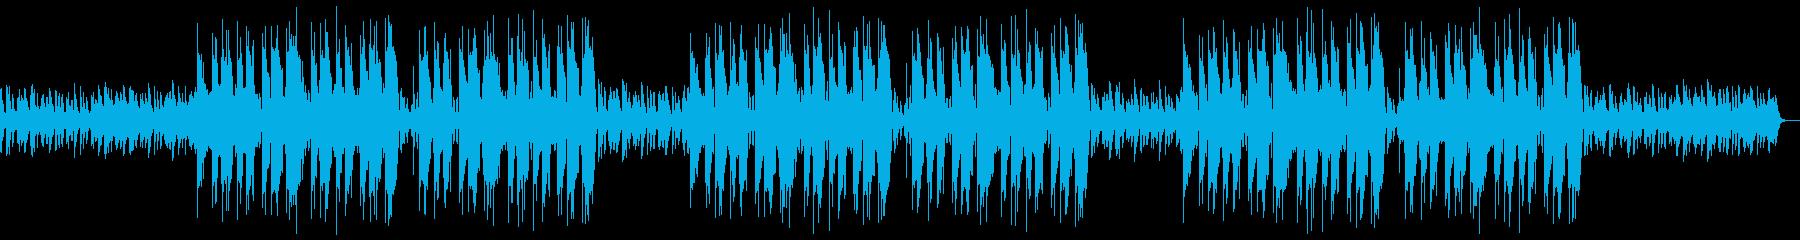 不思議で優雅なヒップホップBGMの再生済みの波形